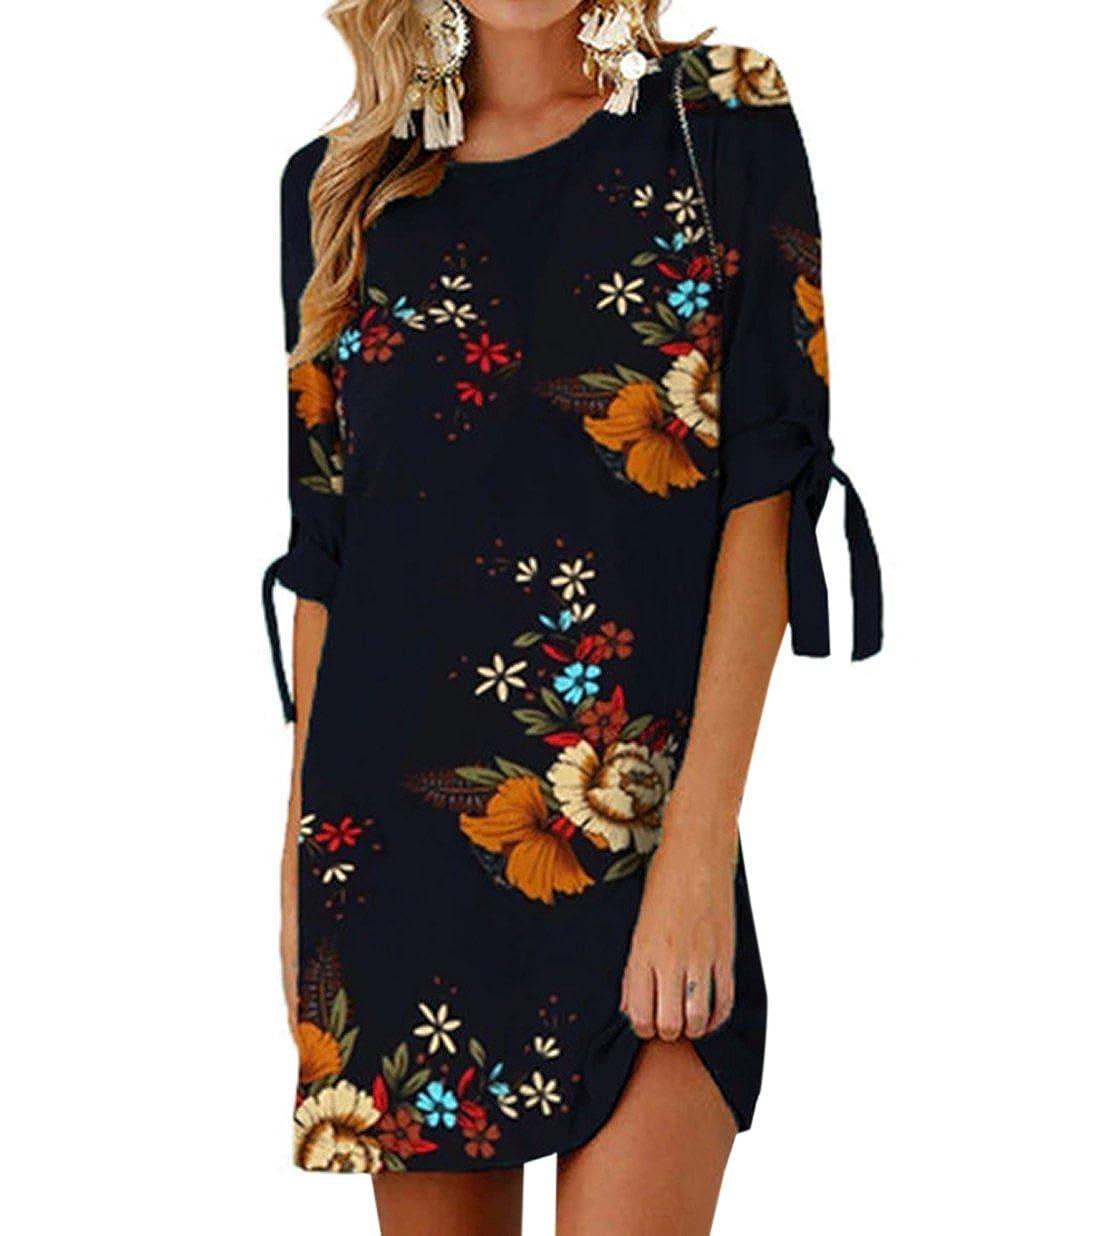 7a3df4395d74da delicate Ajpguot Sommerkleid Damen T-Shirt Kleid Rundhals Kurzarm Minikleid  Blumen Strandkleider Langes Shirt Lose